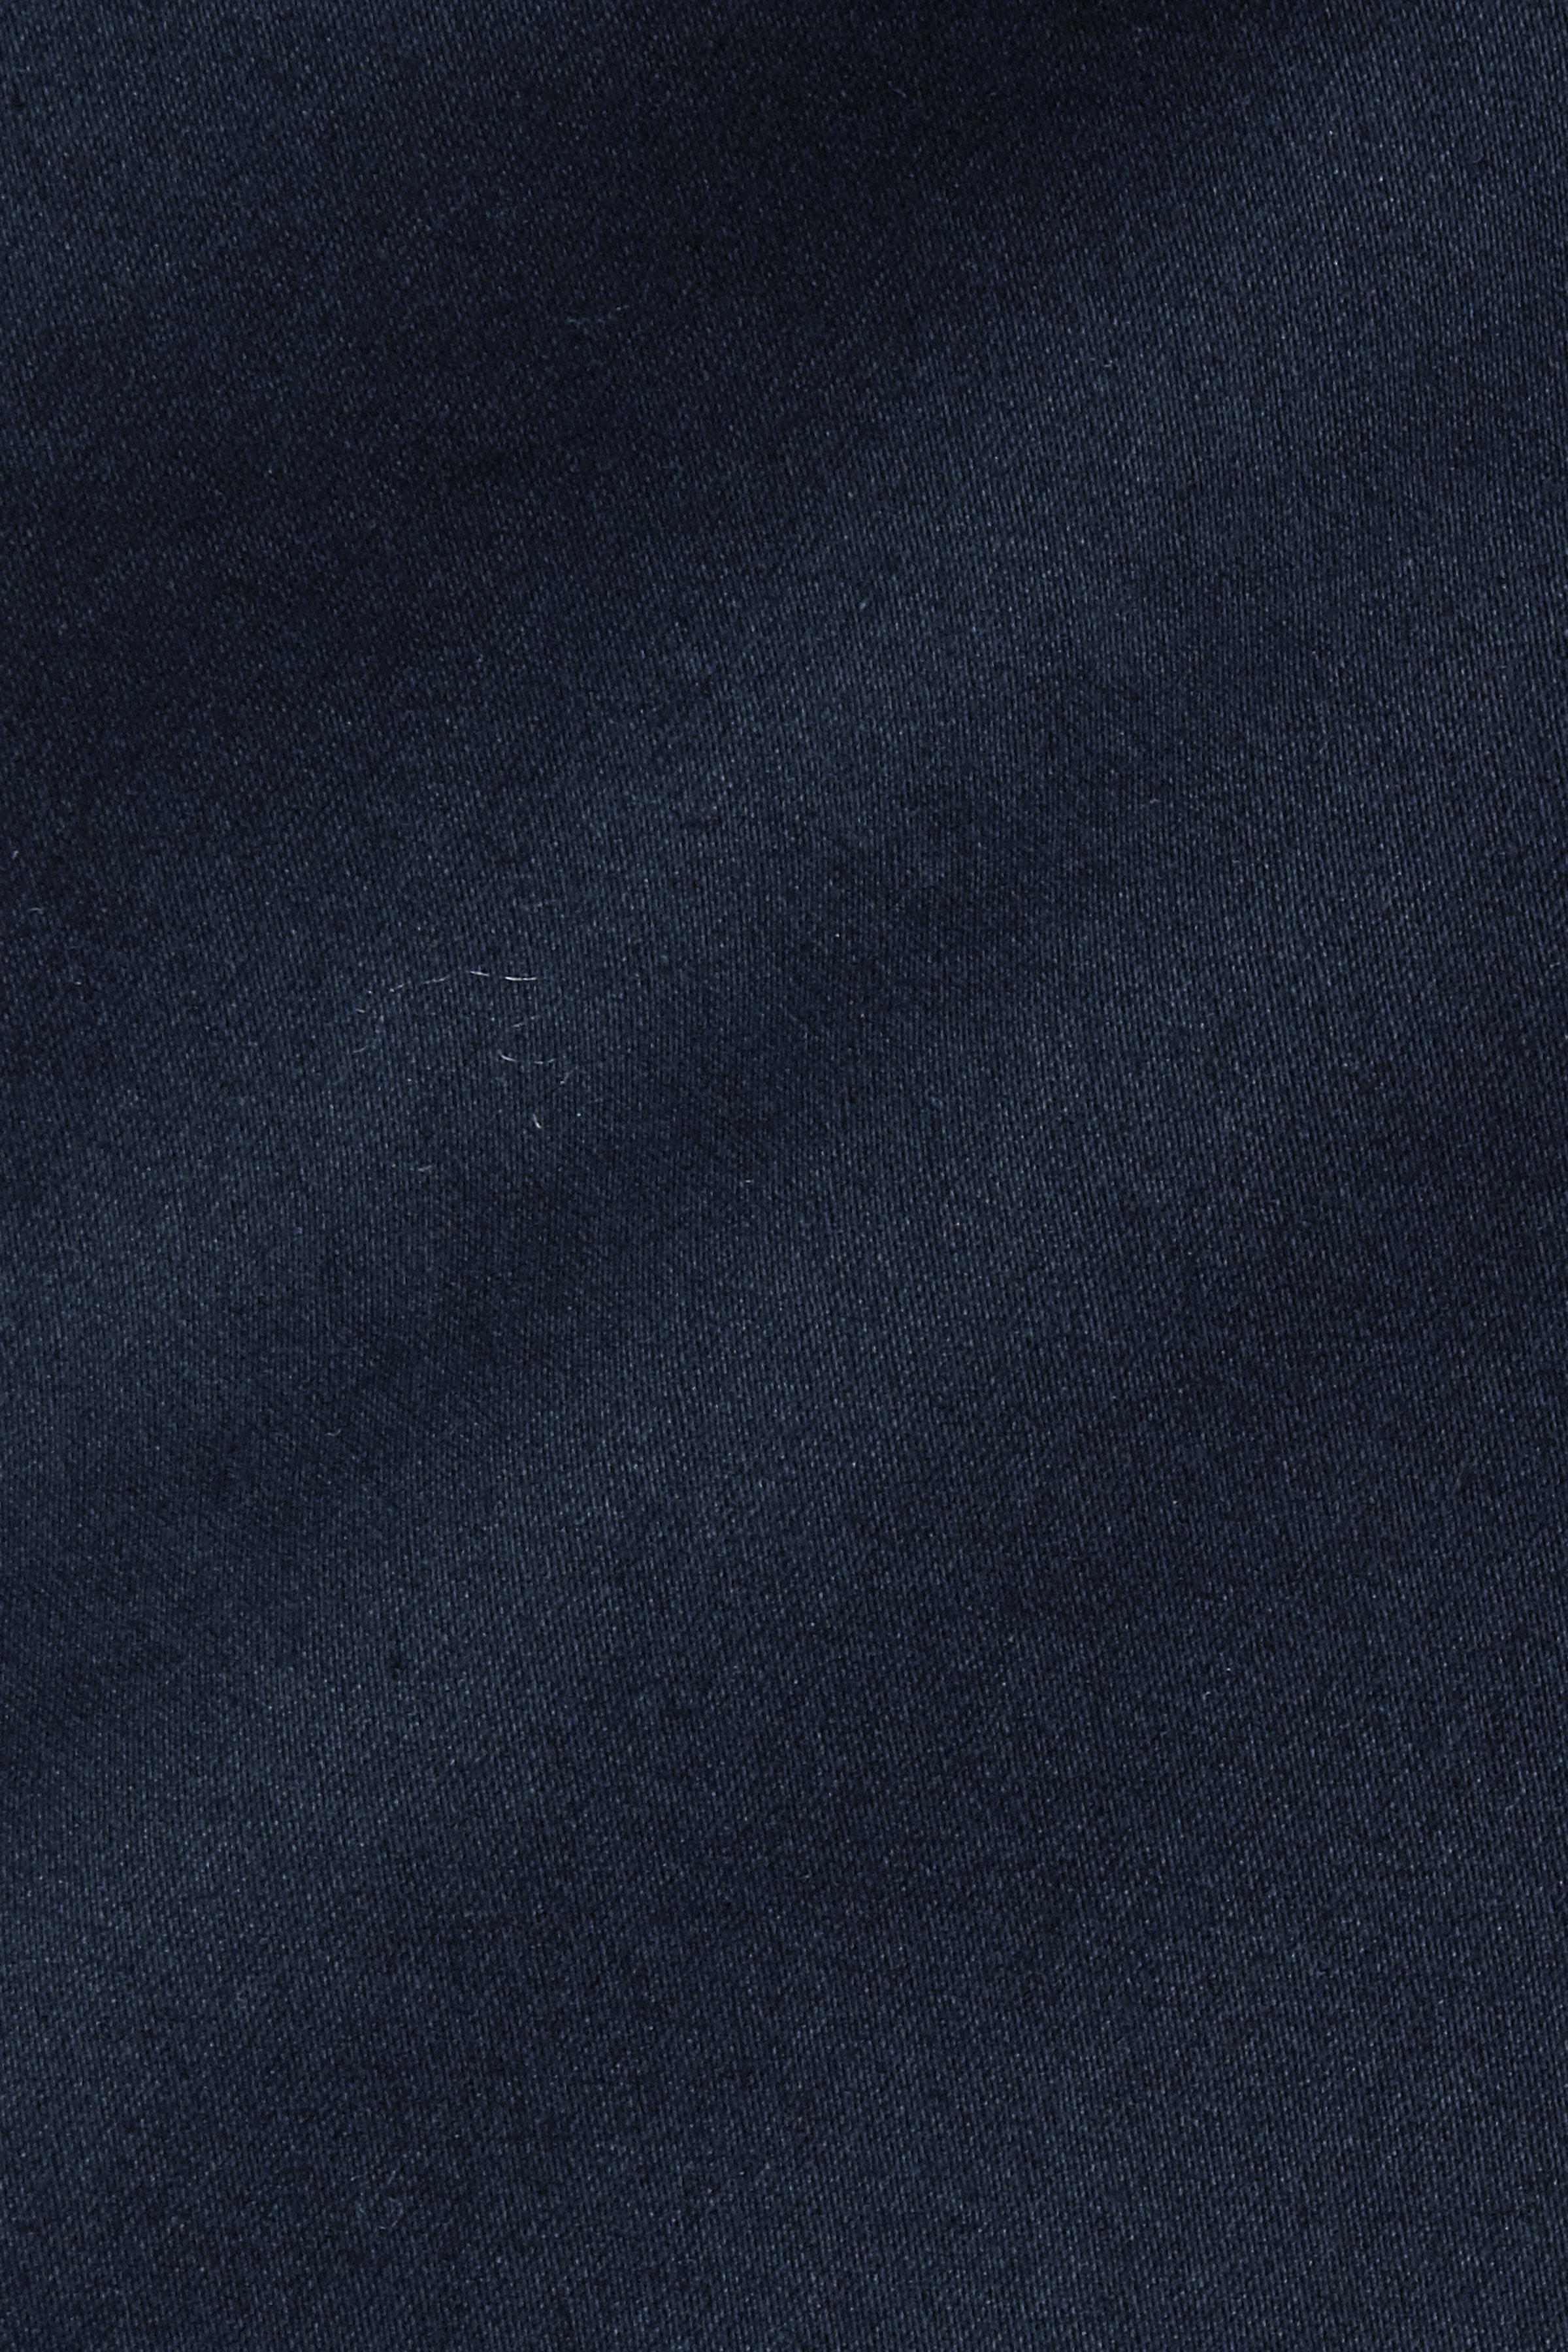 Marinblå Byxor från b.young – Köp Marinblå Byxor från stl. 34-46 här